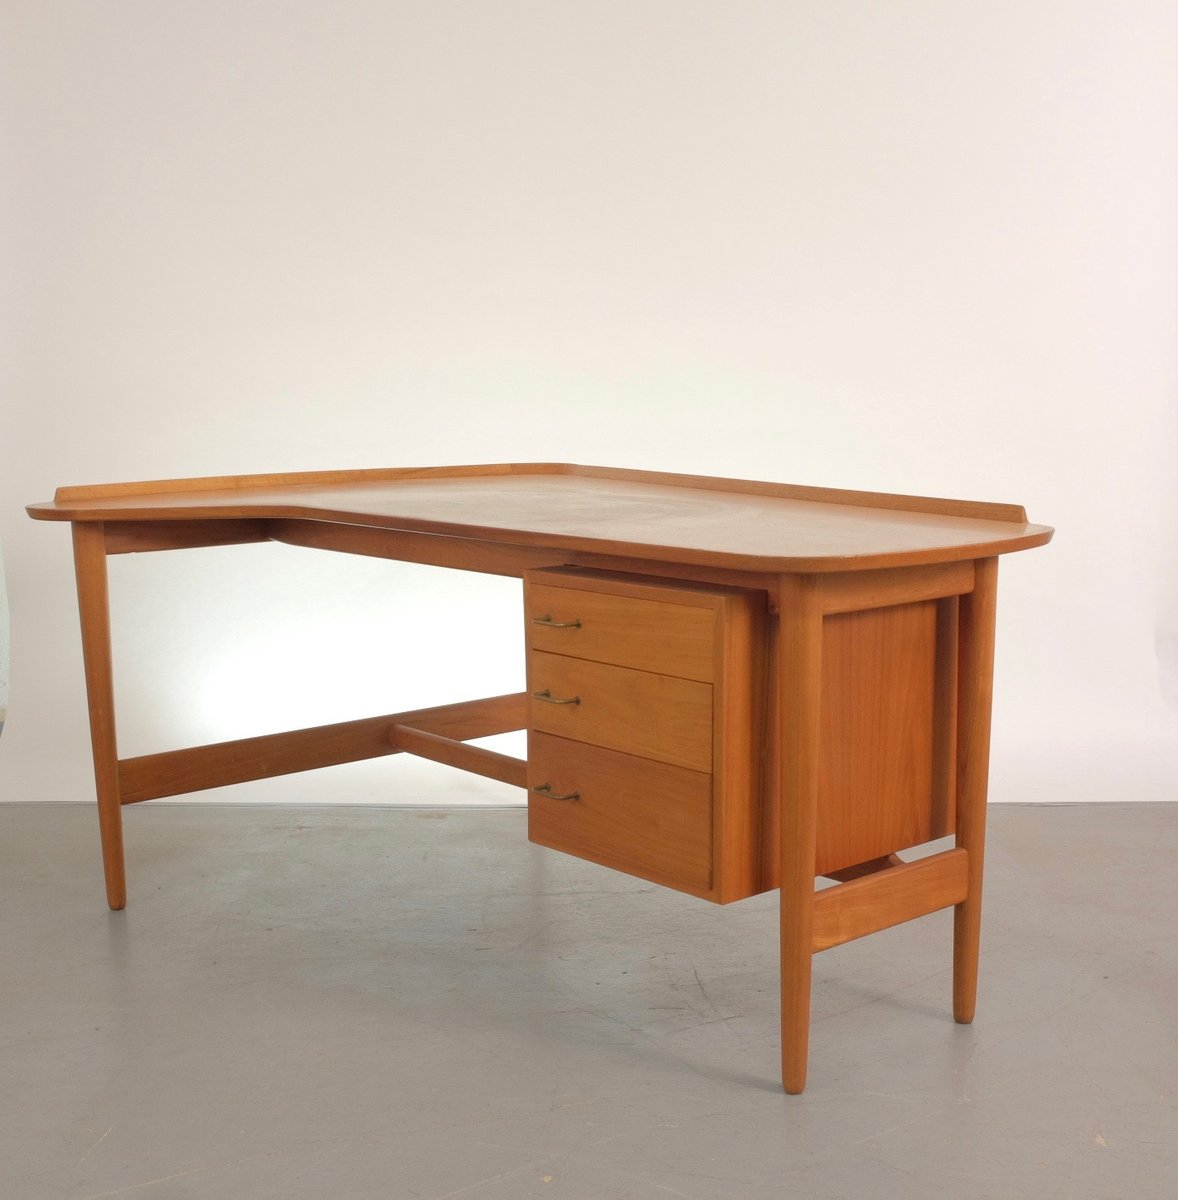 mid century bo85 teak schreibtisch von arne vodder f r bovirke bei pamono kaufen. Black Bedroom Furniture Sets. Home Design Ideas